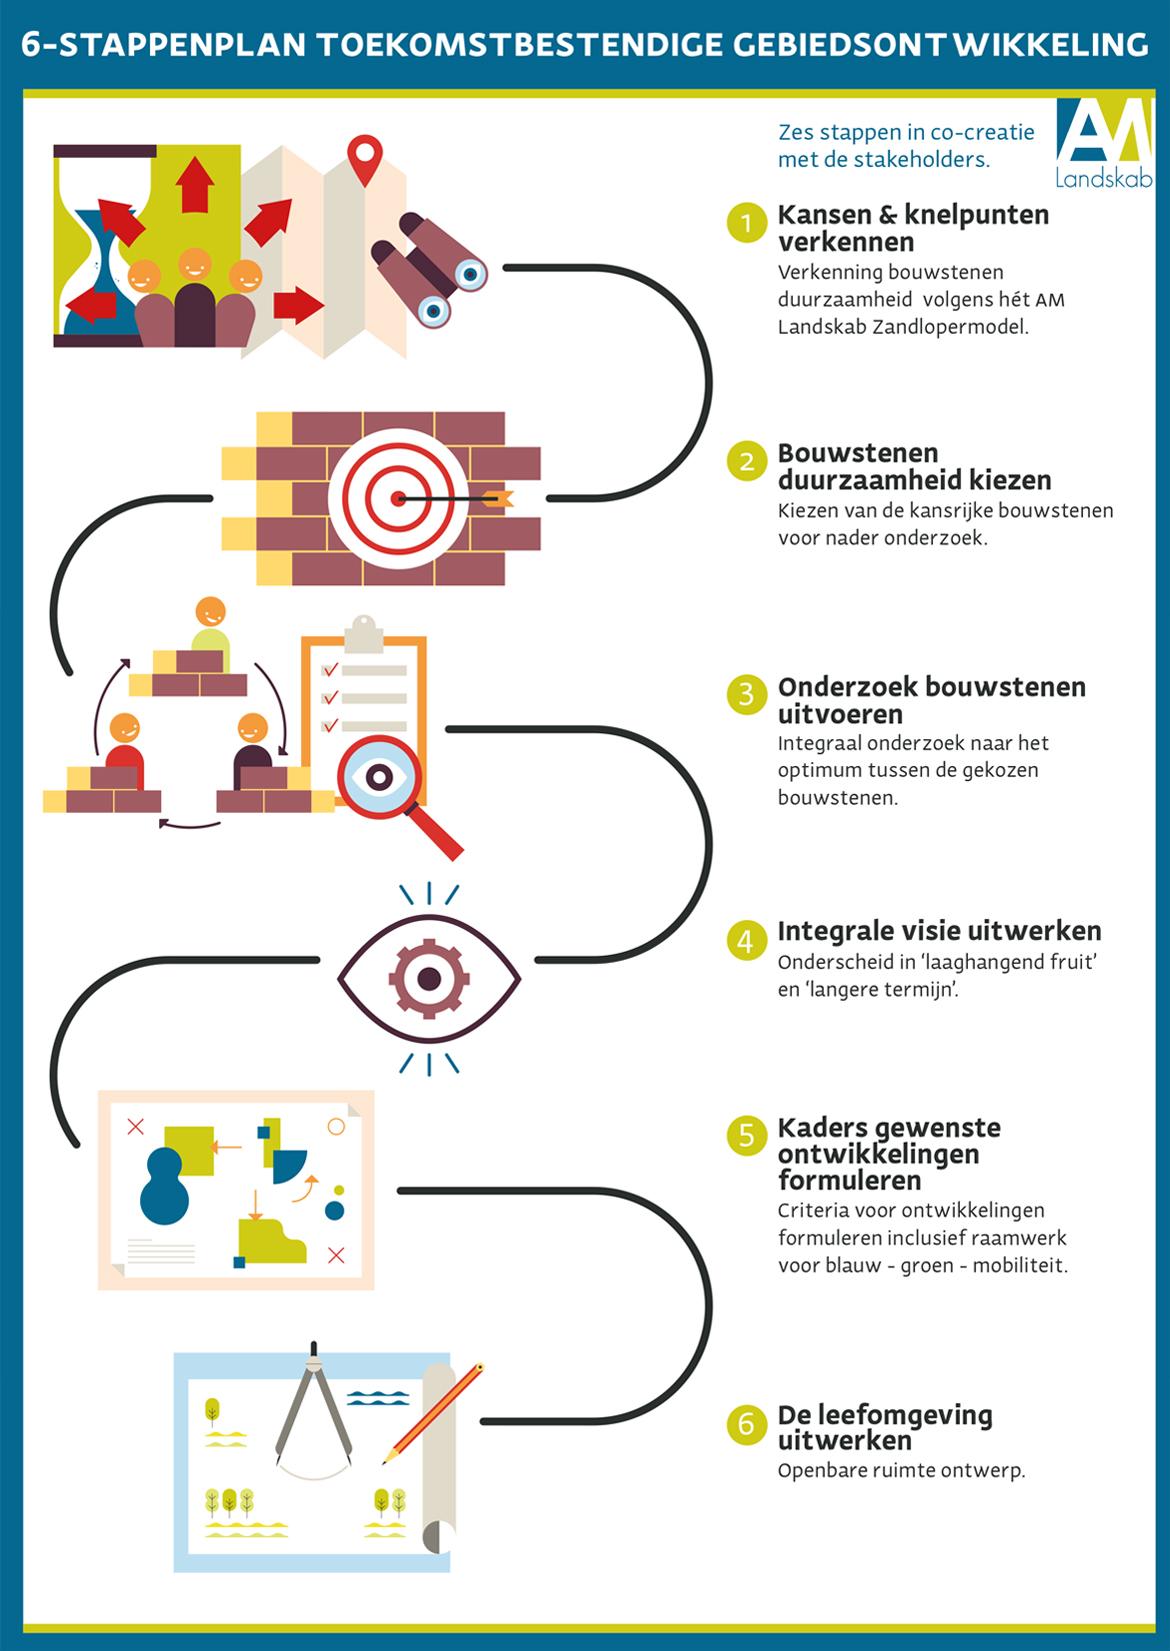 Gebiedsontwikkeling Gezond Integraal 6-stappenplan